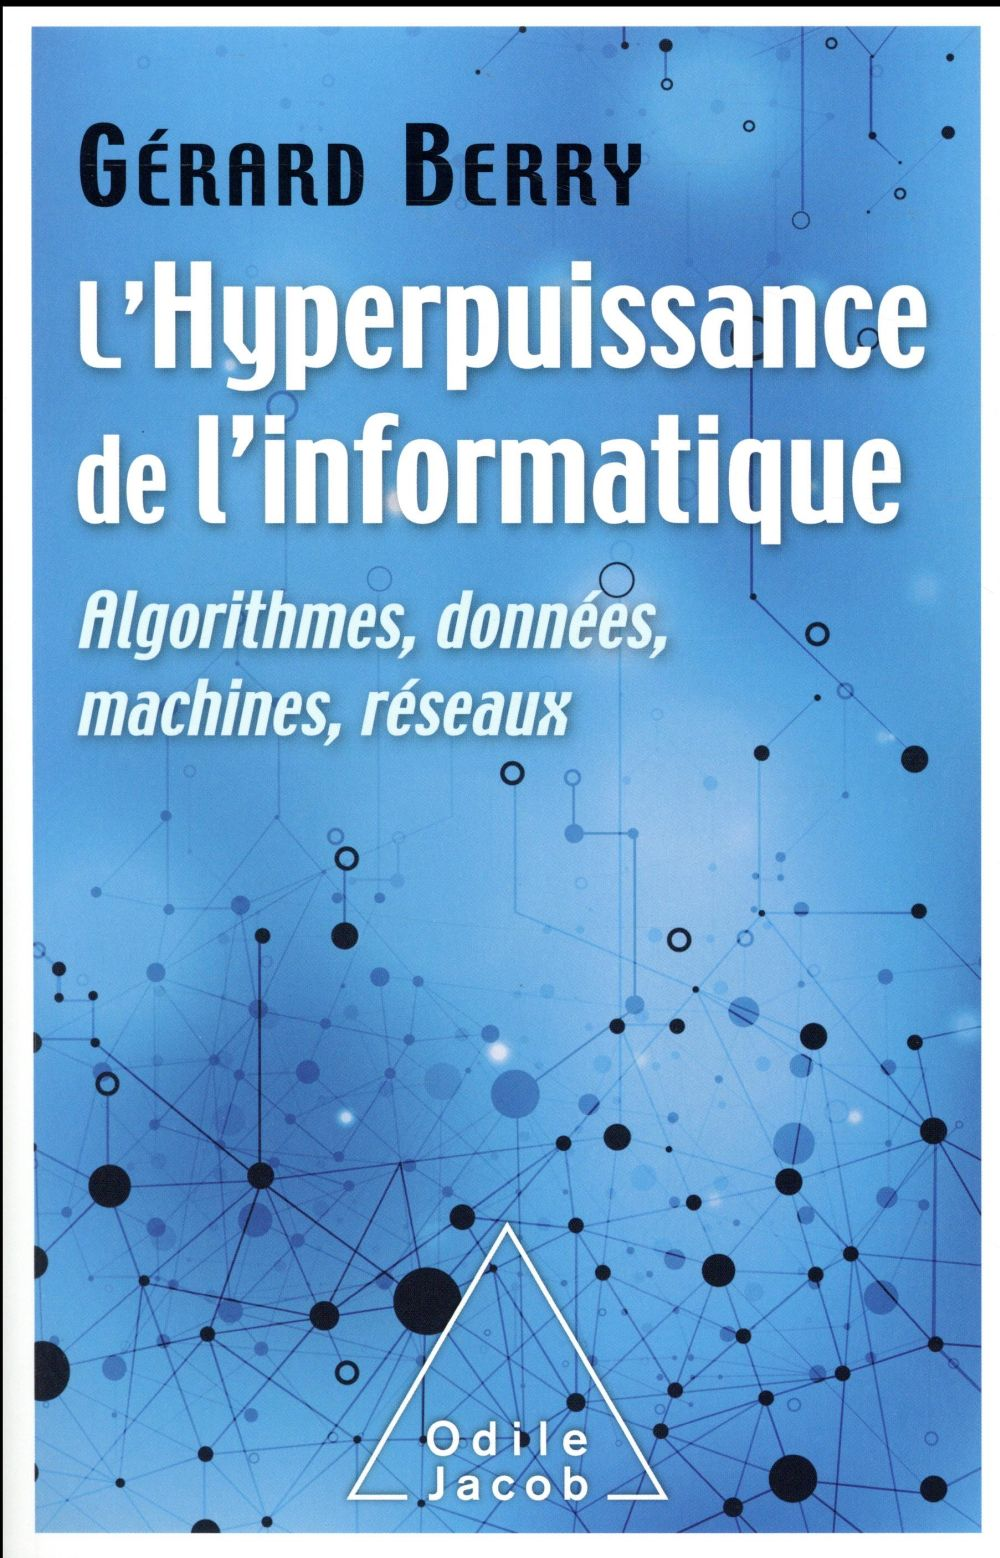 L'hyperpuissance de l'informatique ; algorythmes, données, machines, réseaux